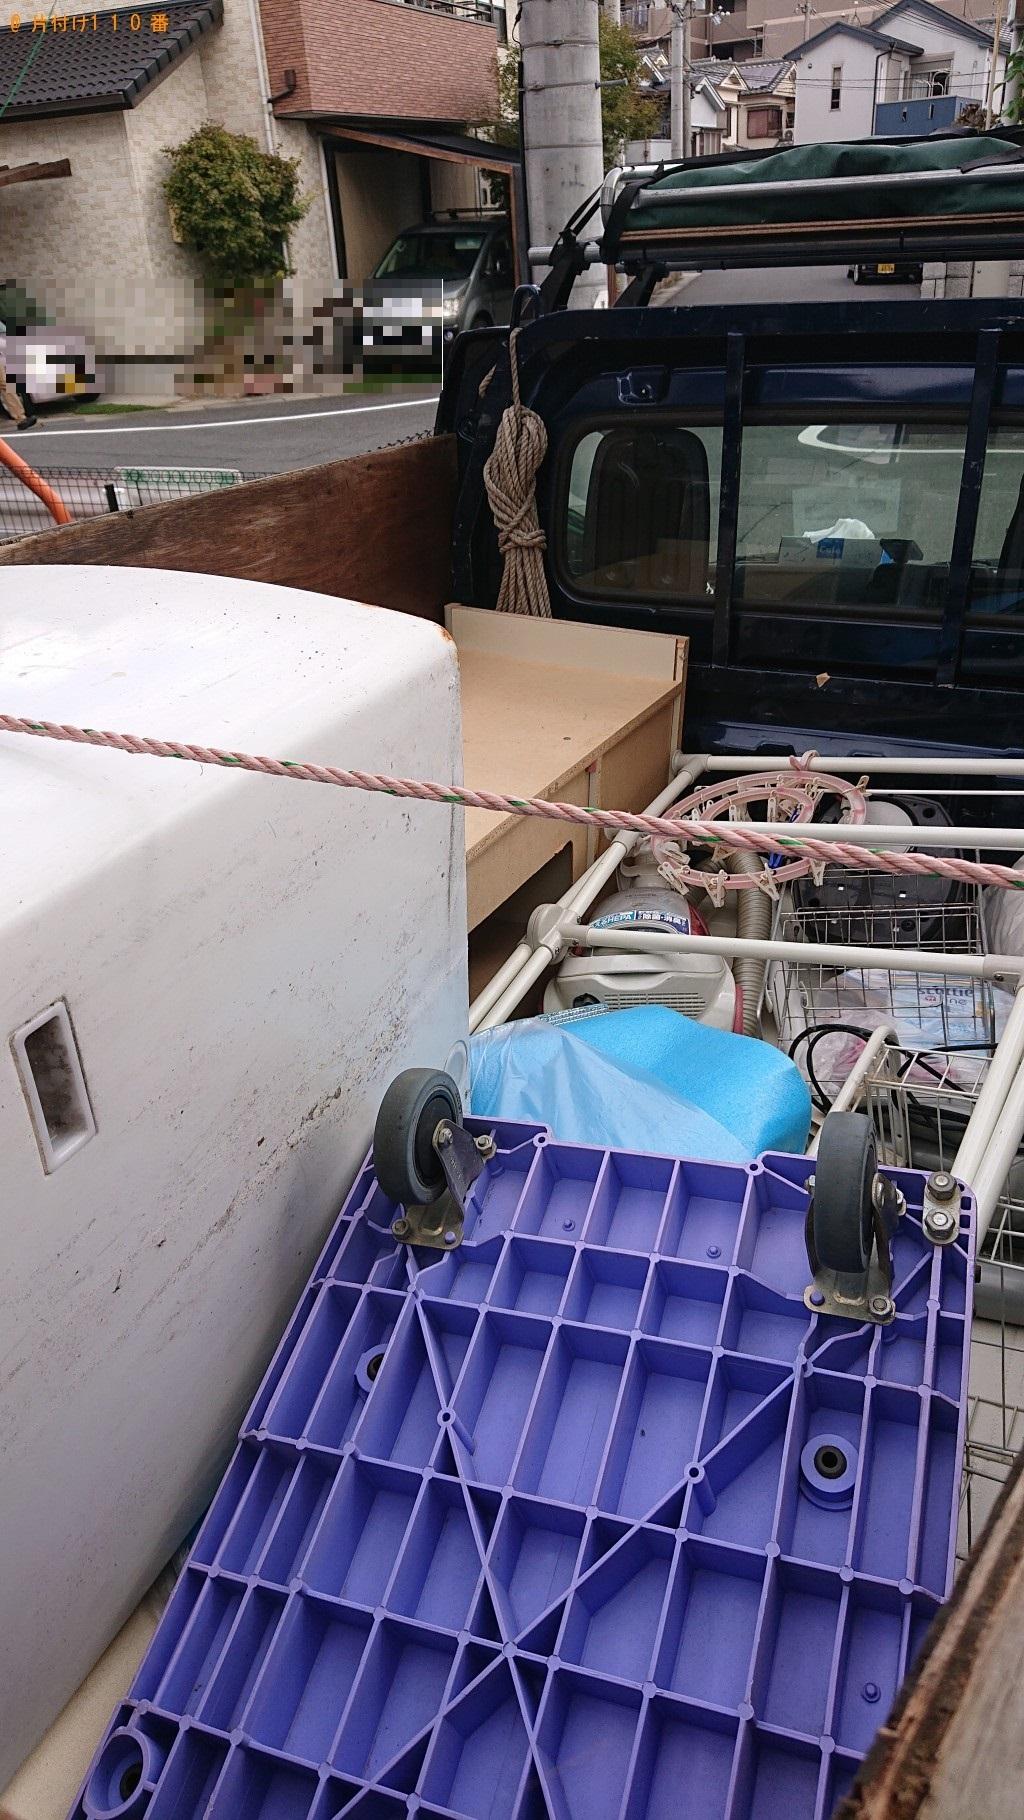 【奈良市】セミダブルベッド、マットレス、テレビ台等の回収・処分 お客様の声